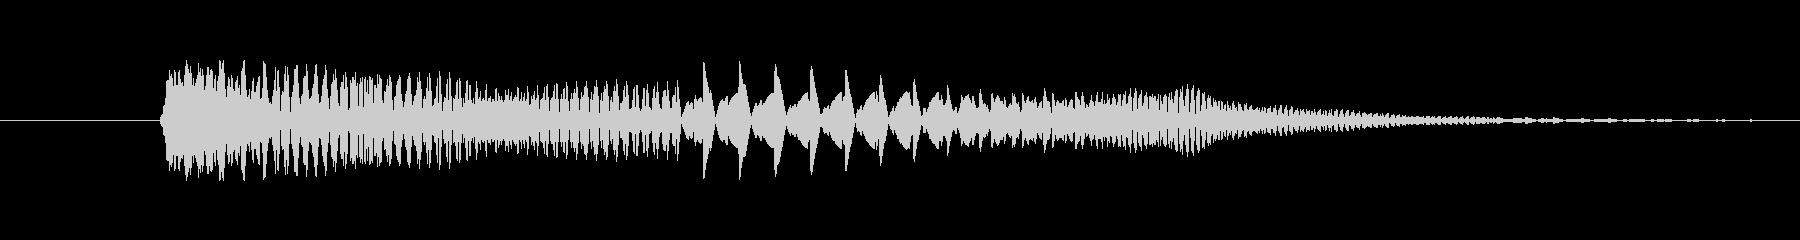 ピポ(コミカルな選択音)の未再生の波形